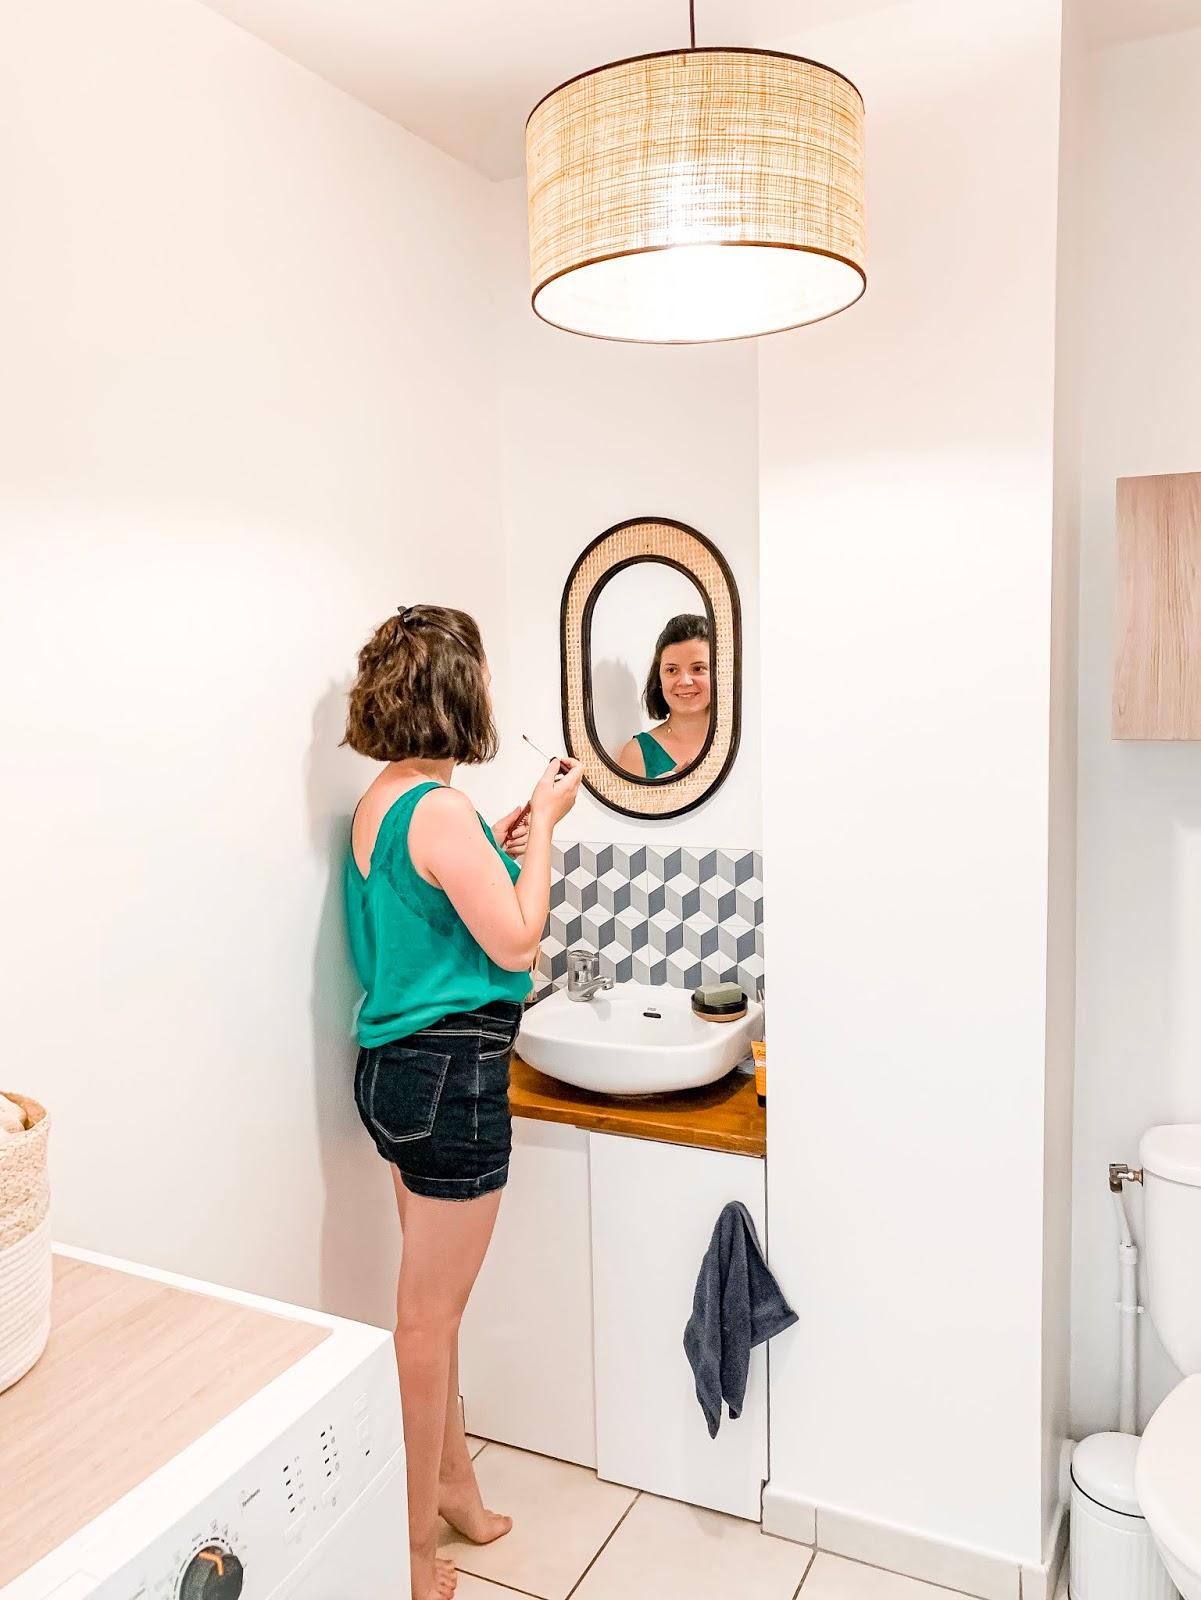 avis machine à laver LG turbowash 360 lave linge sèche linge buanderie wc toilettes déco aménagement décorer